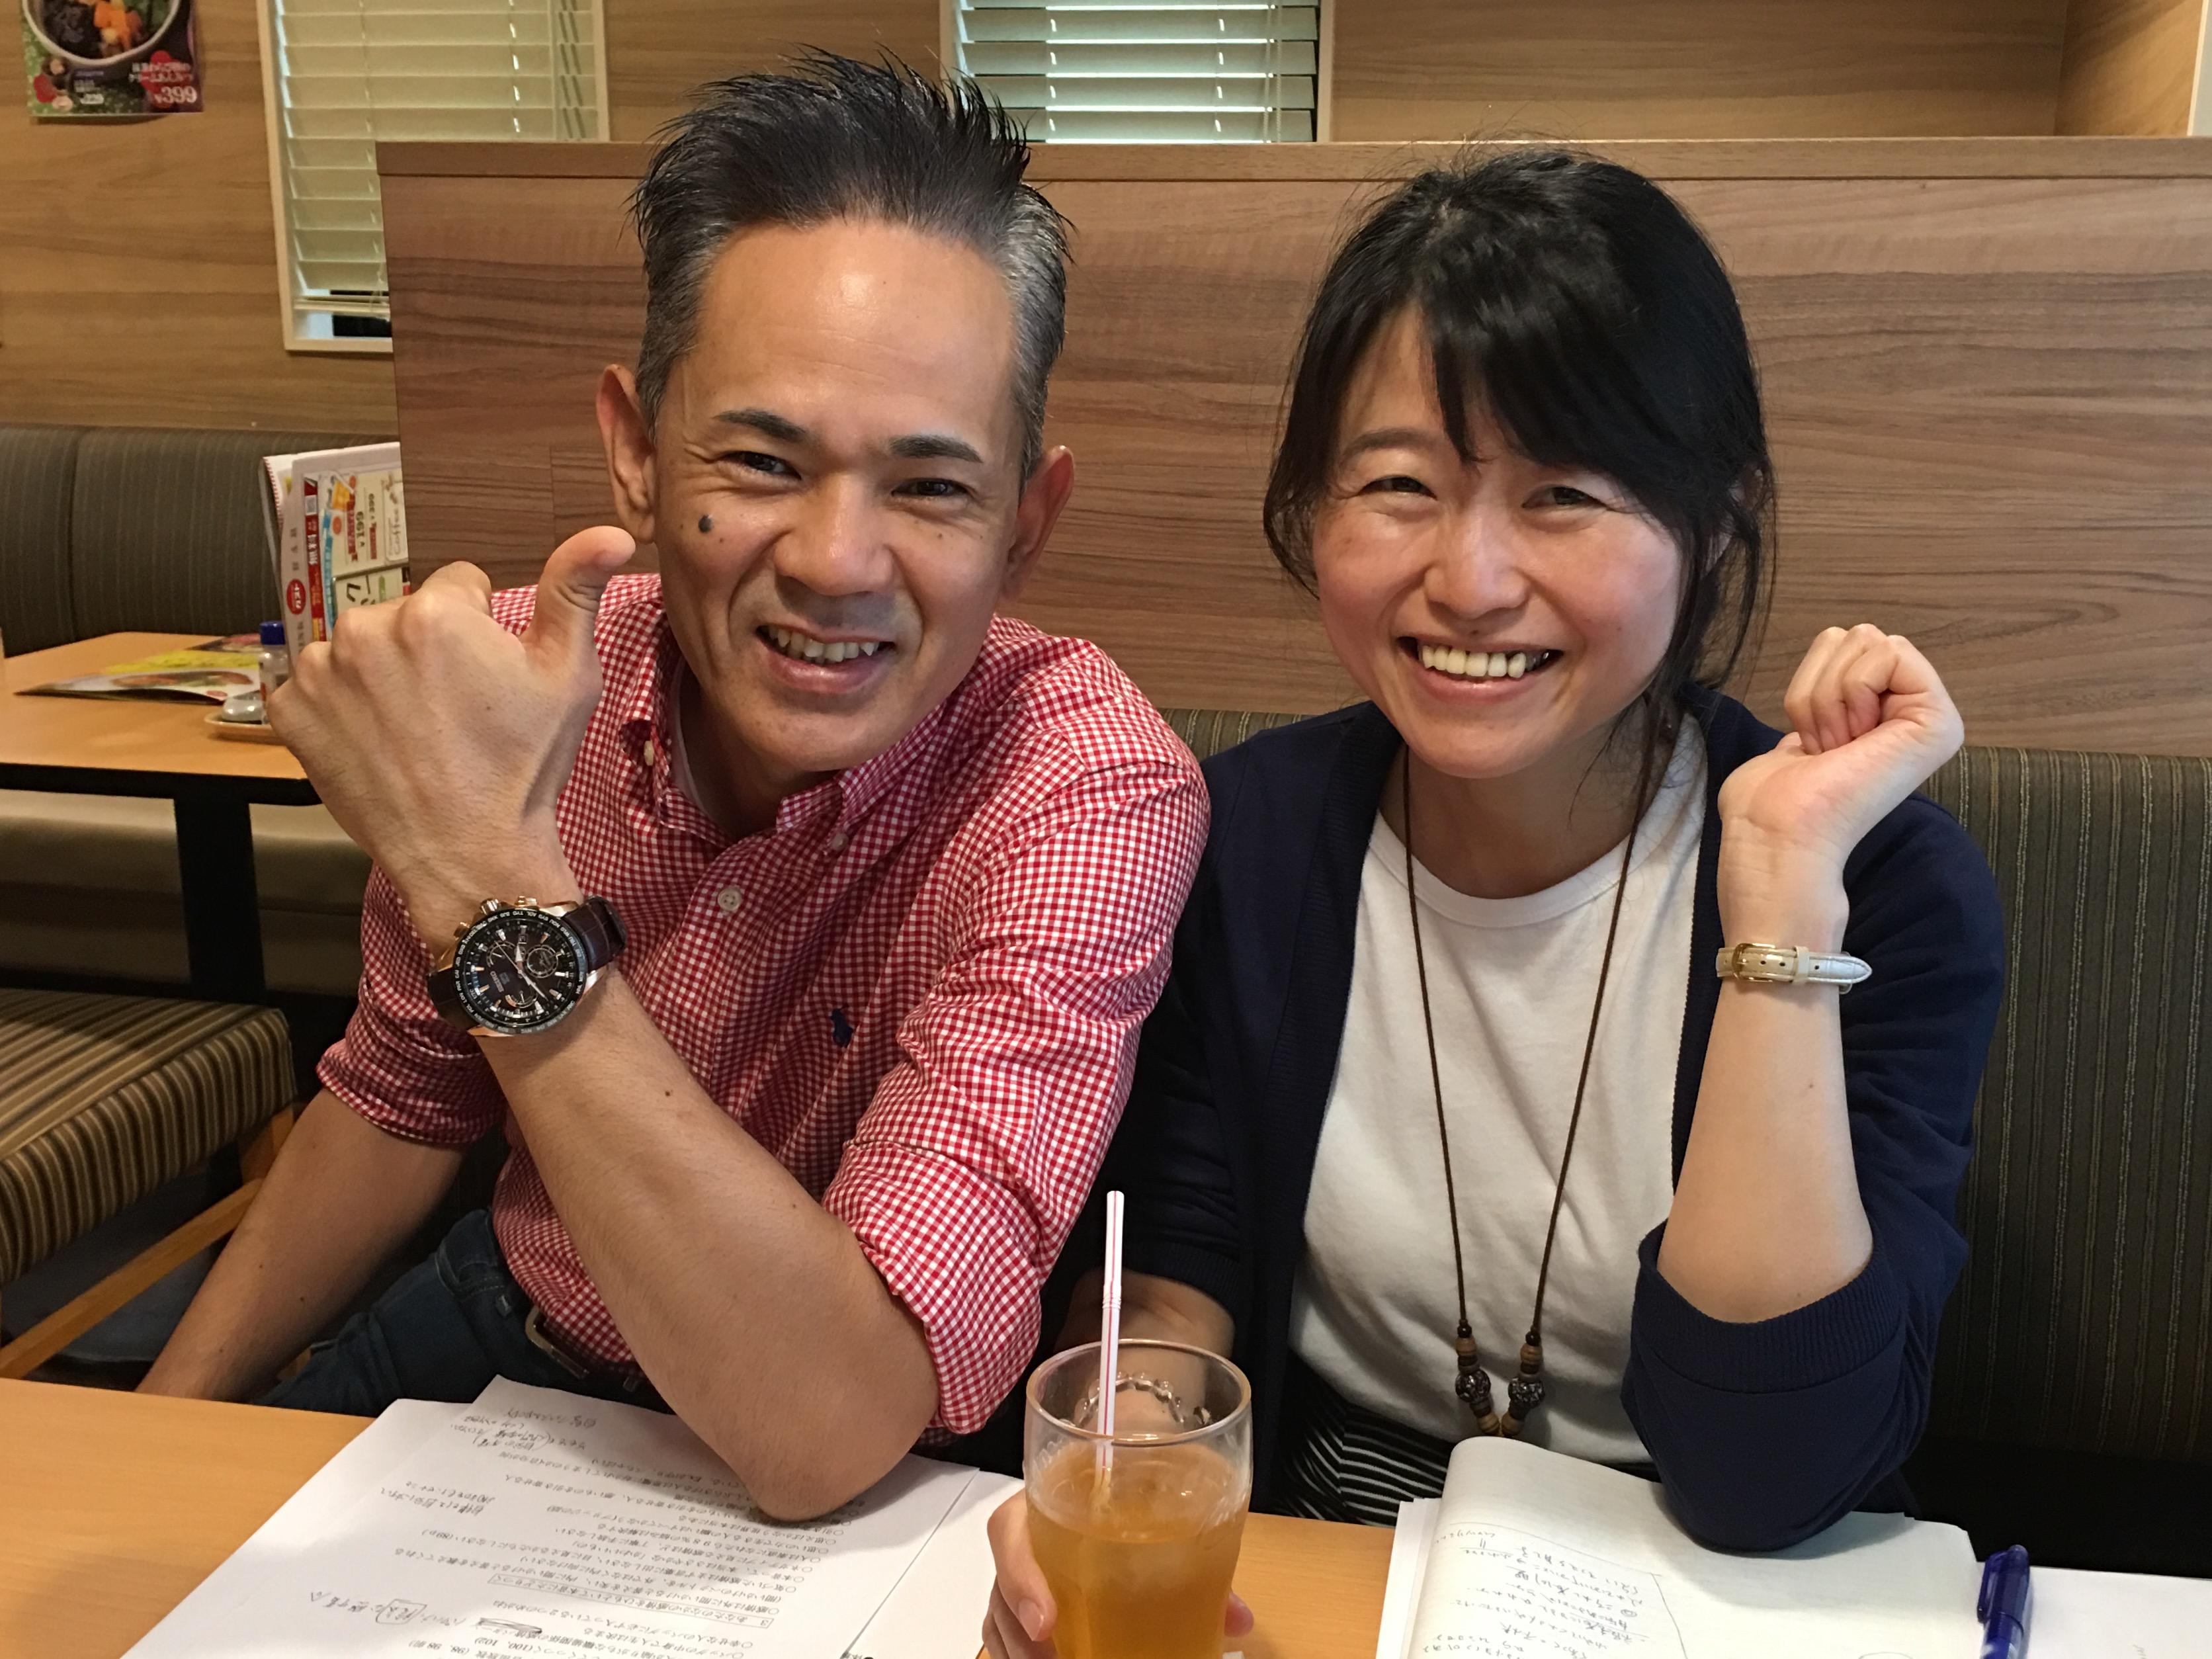 昨日、今日と 東京からサンマーク出版の橋口さん、 出版プロデュースの梅木さん と次回の本の作成しています。 テーマは、感情の解体新書❣️です。 感情も人生のすべて 自分が使い手になれば 幸せになれる 答えは、自分との折り合いをつけること。 自分を知ることです。 7月予定です。 お楽しみに〜〜?